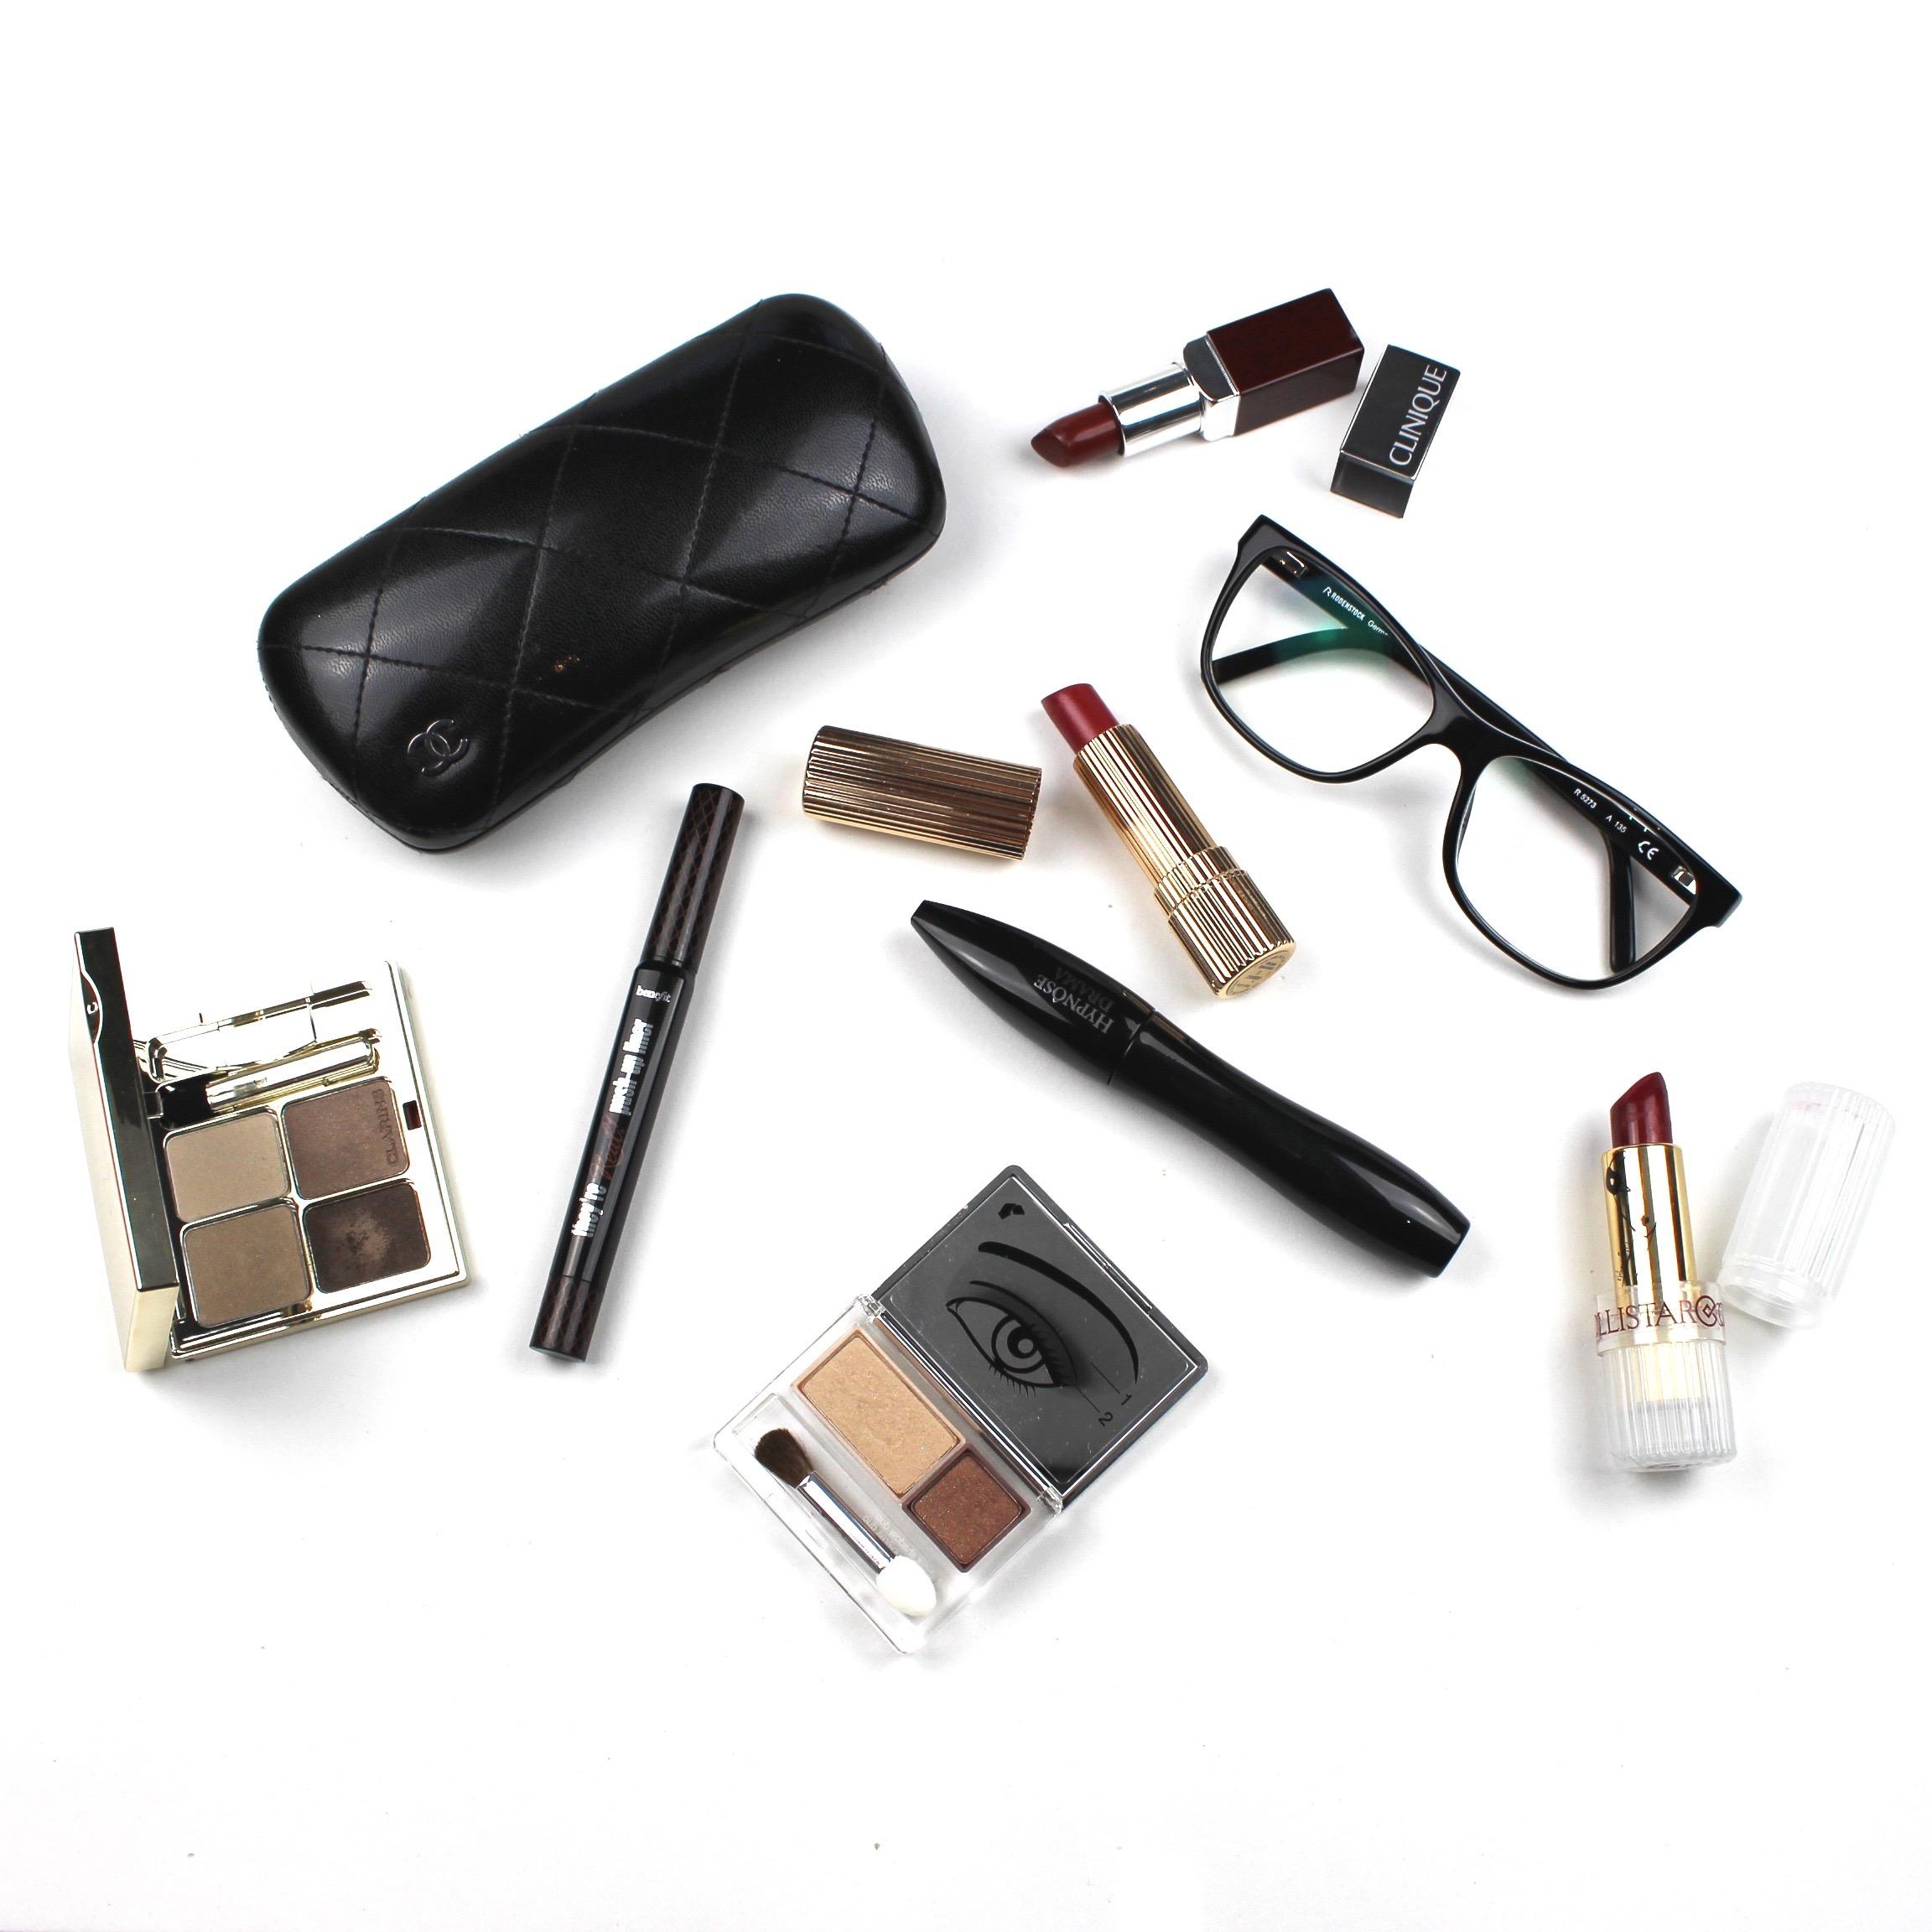 Schminktipps für Brillenträgerinnen – toujoursstyle.com